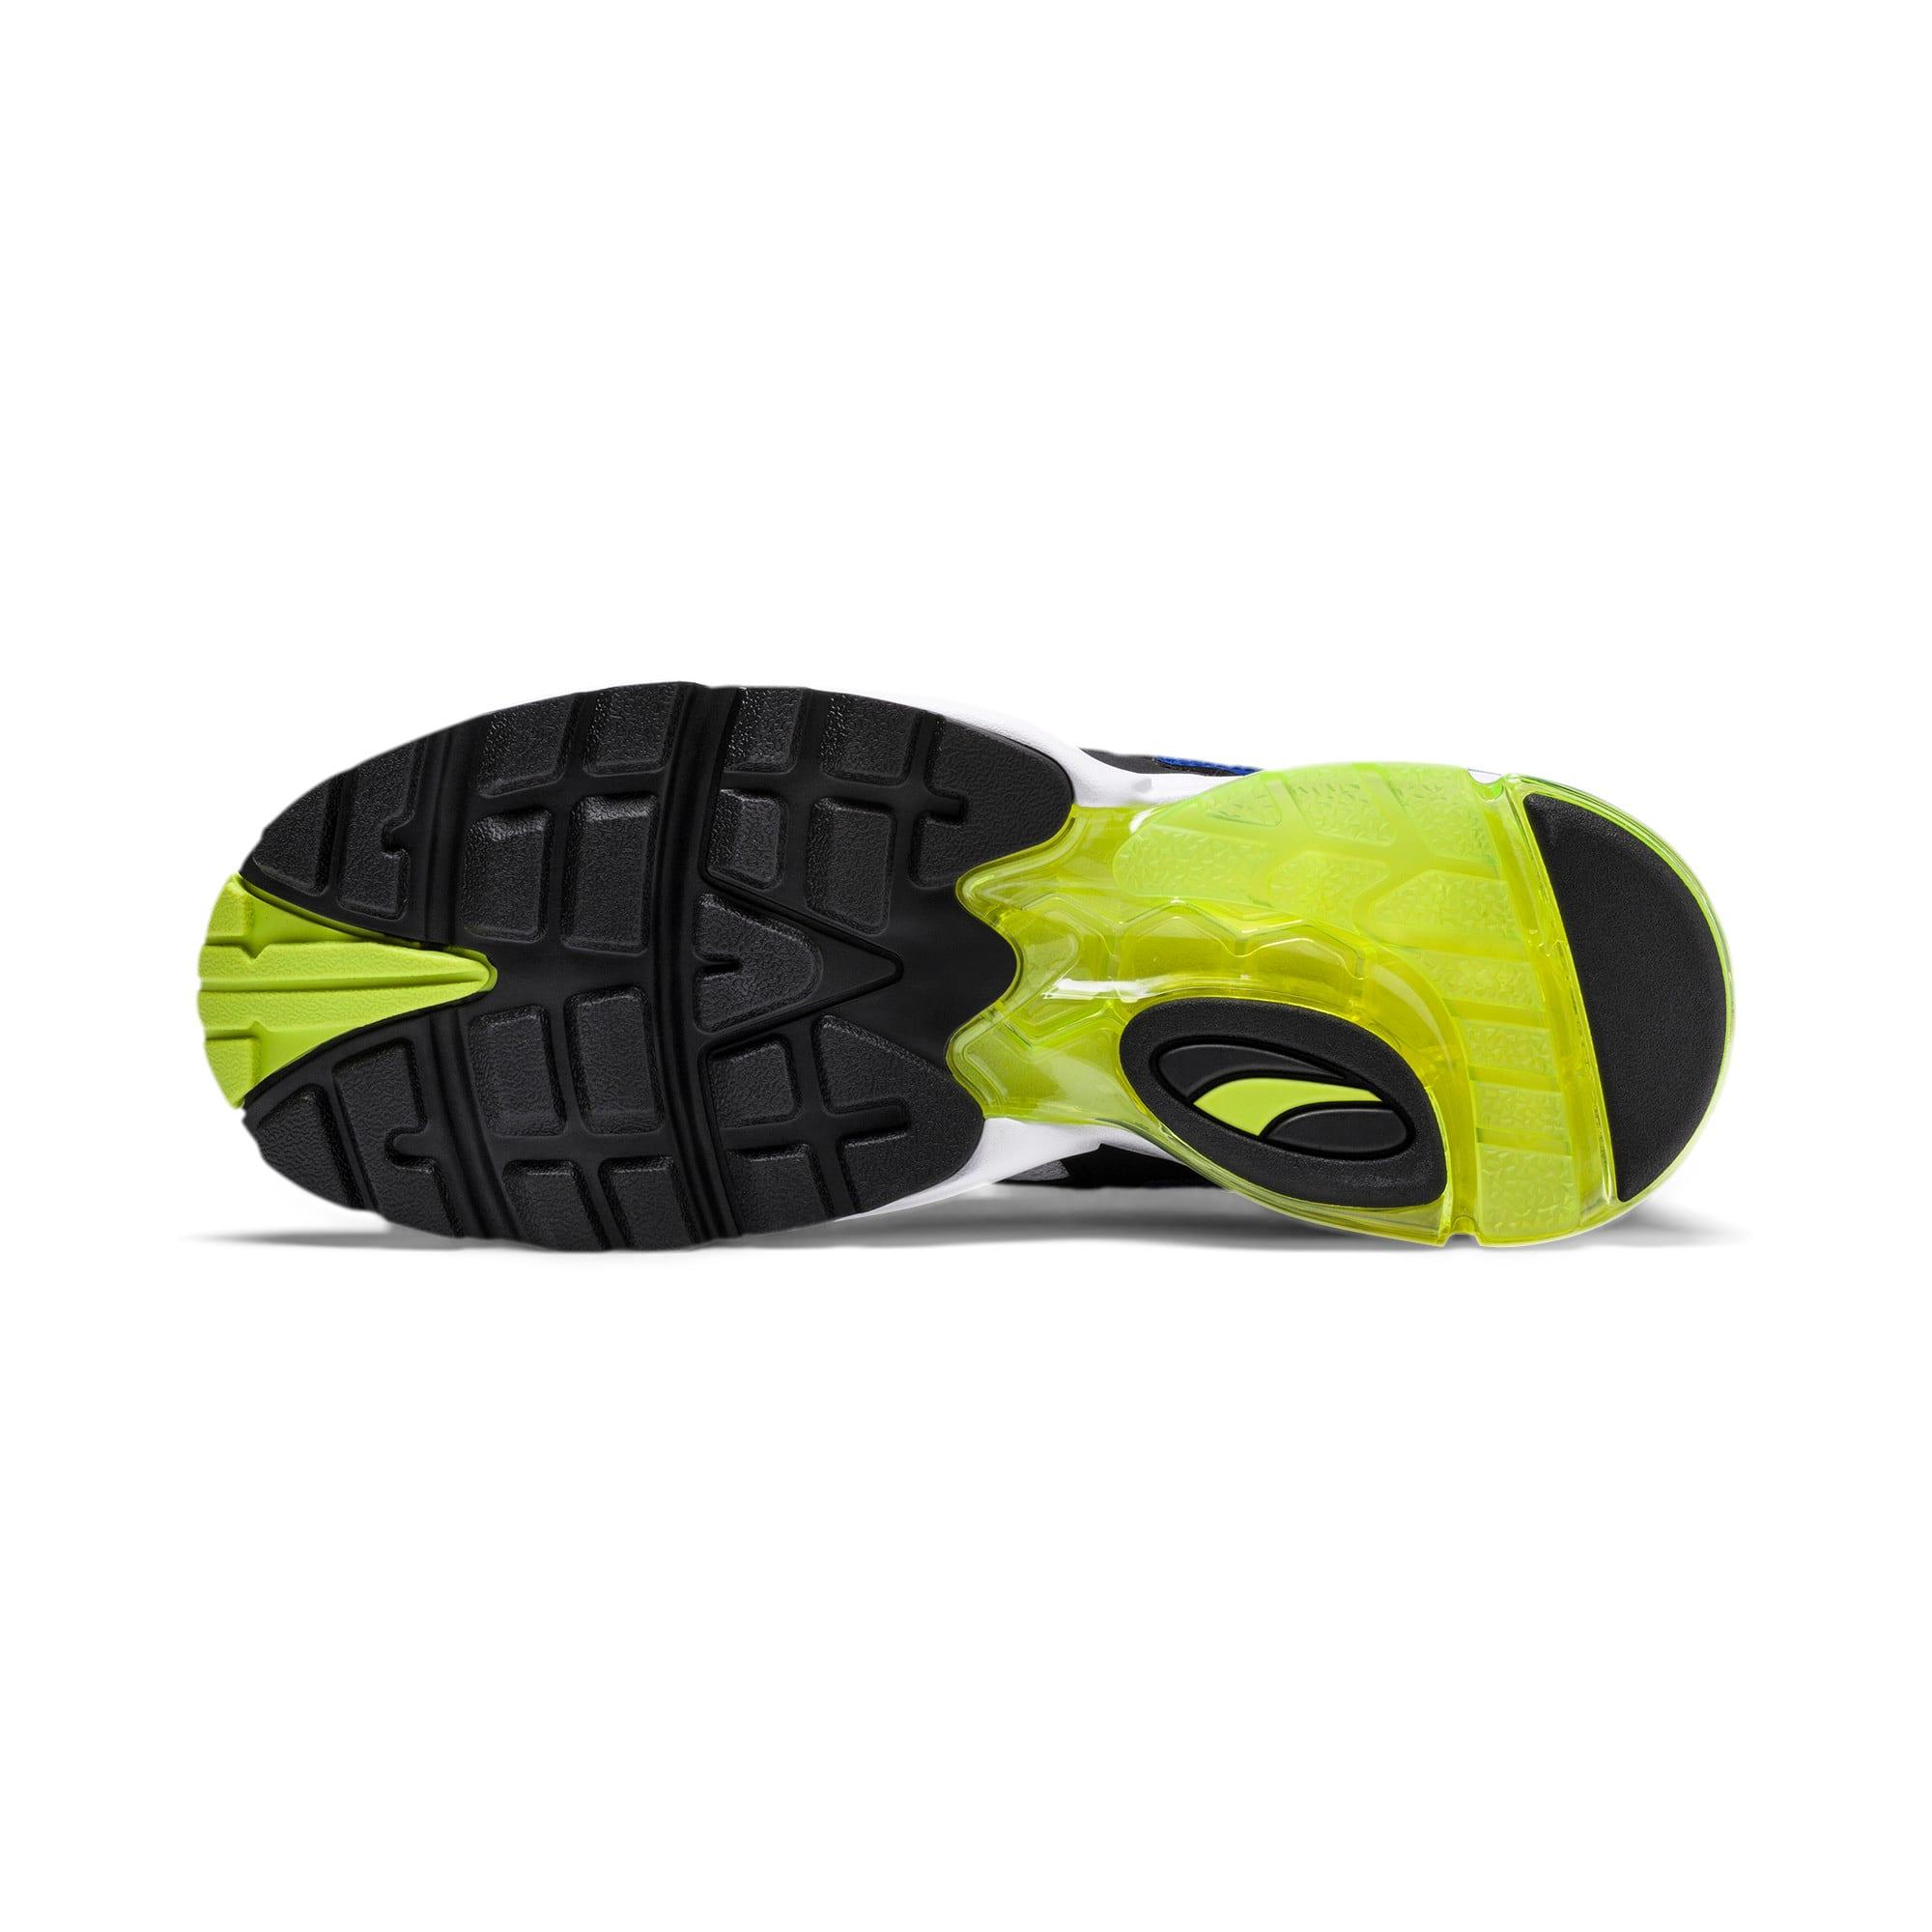 Thumbnail 5 of CELL Alien OG Sneakers, Puma Black-Surf The Web, medium